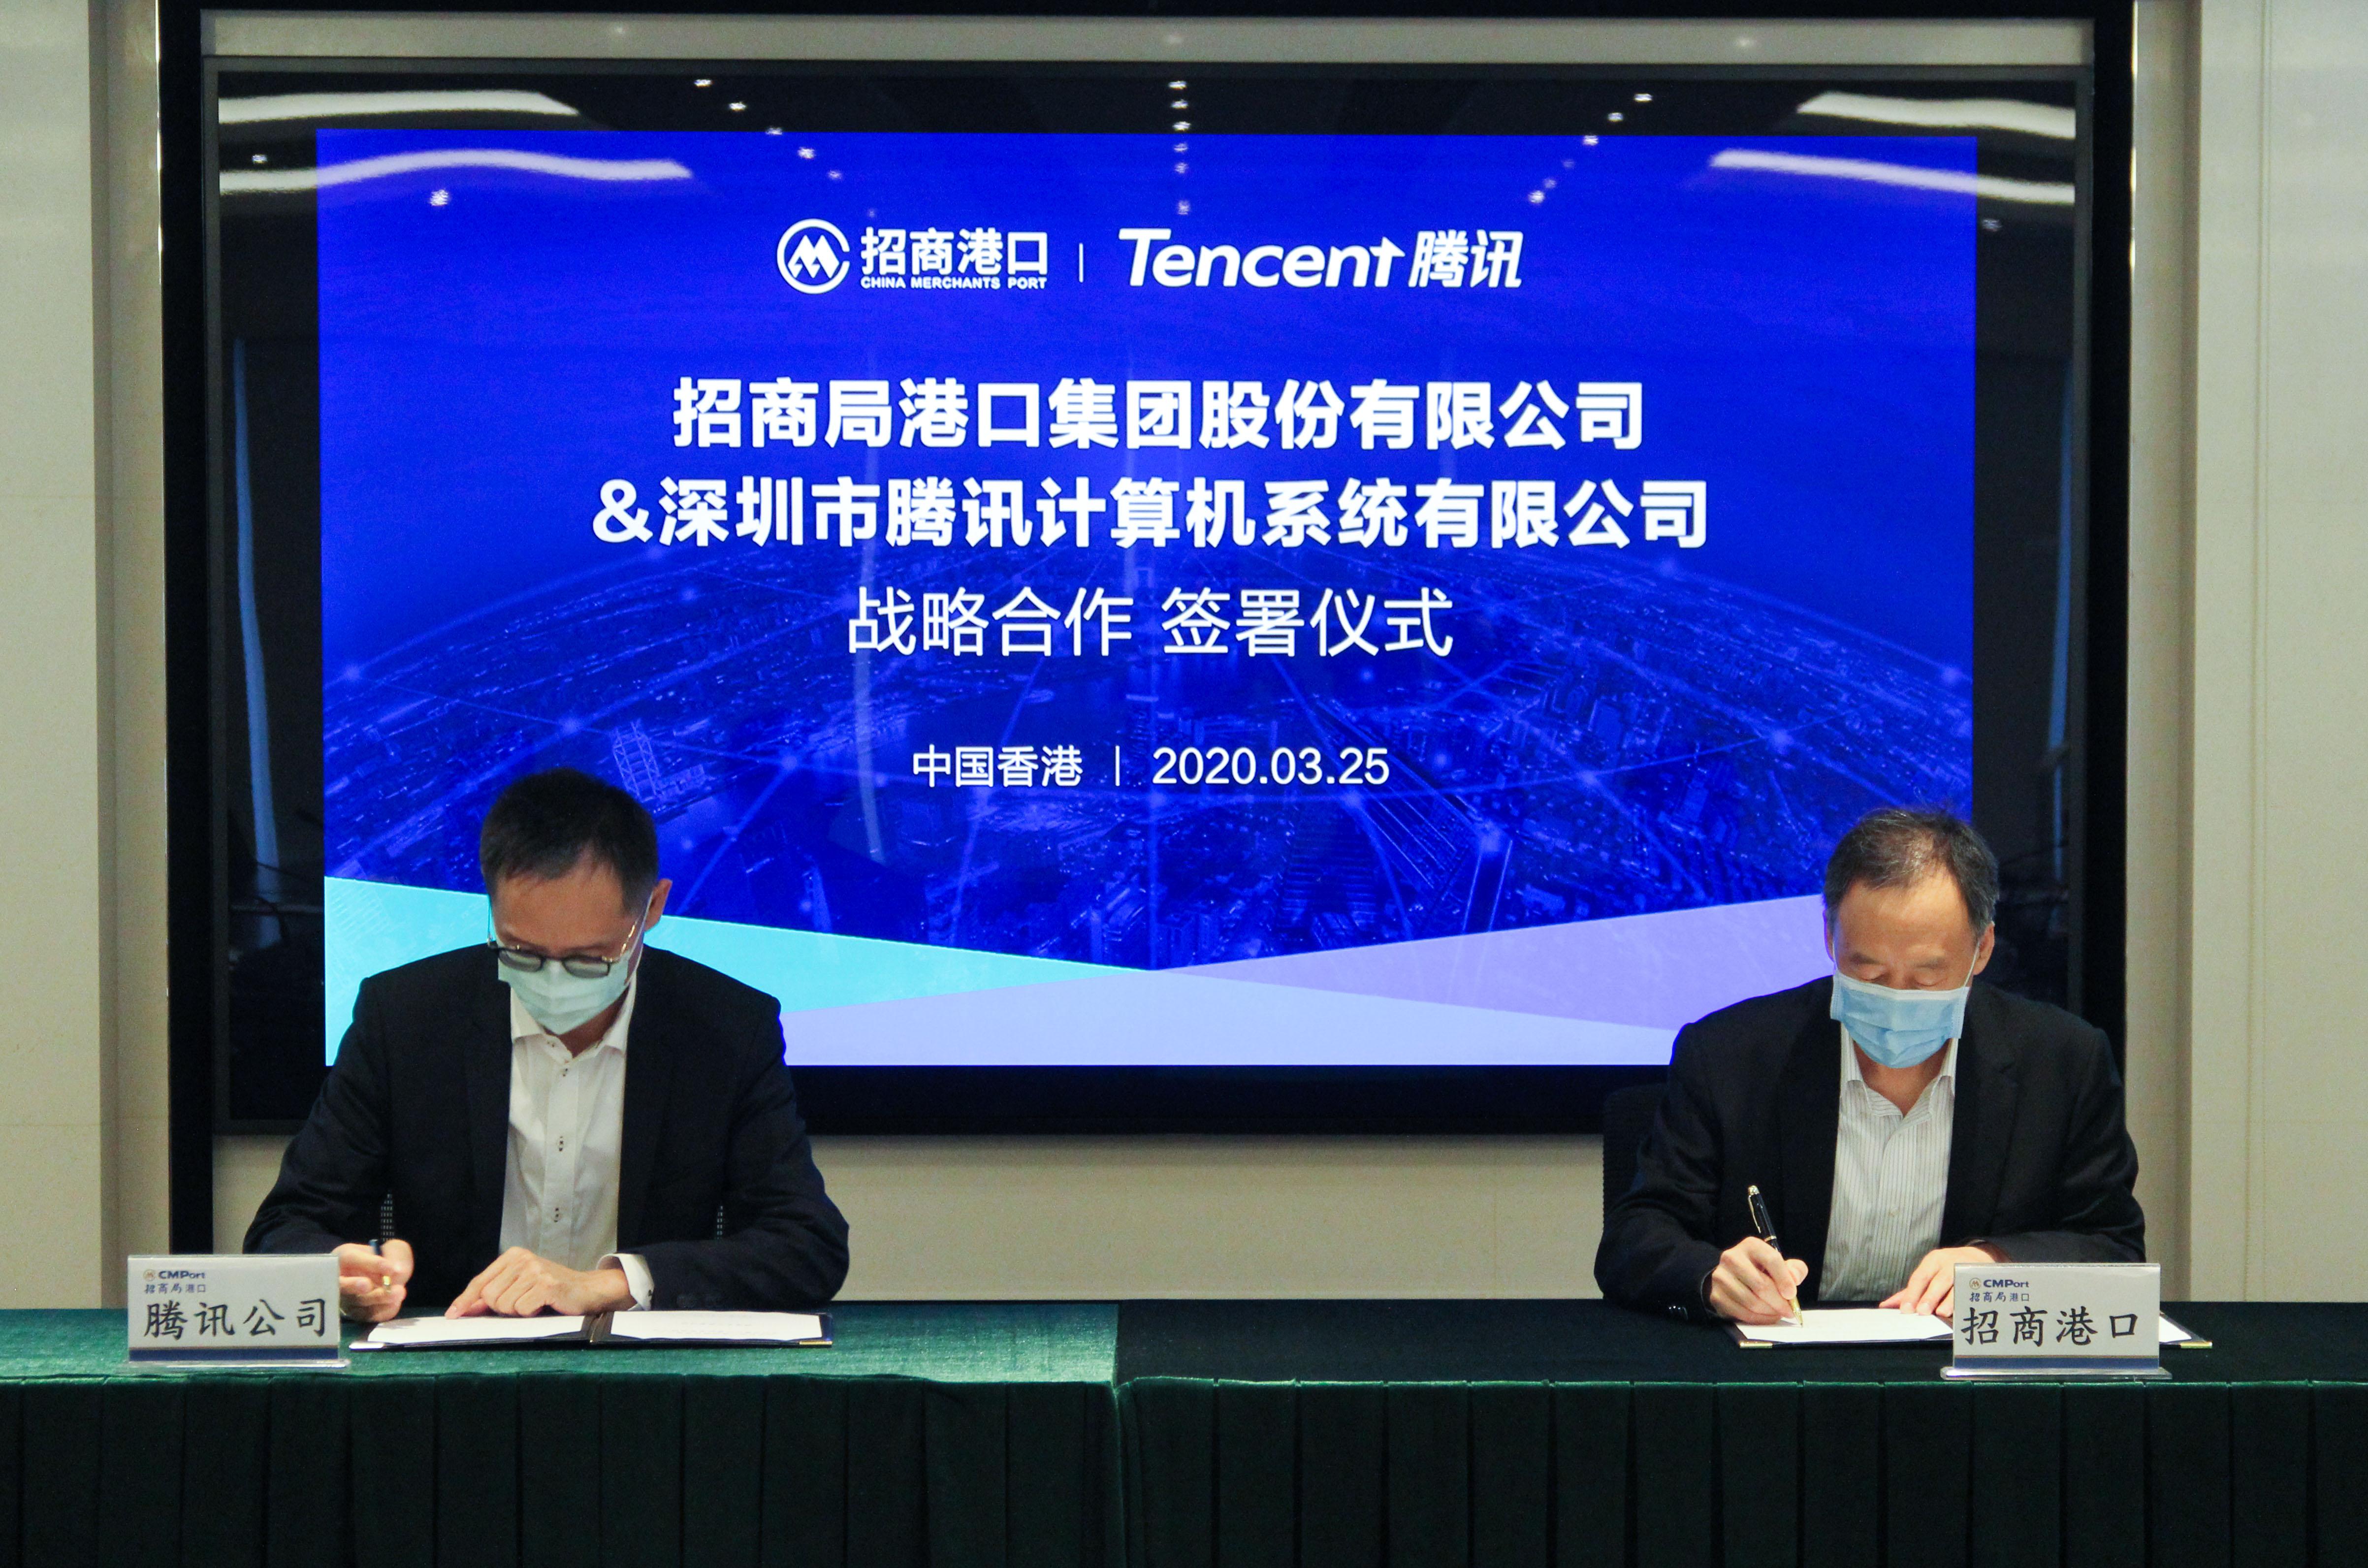 招商港口昨日與騰訊簽署合作協議,雙方將共建世界一流智慧港口(受訪者供圖)